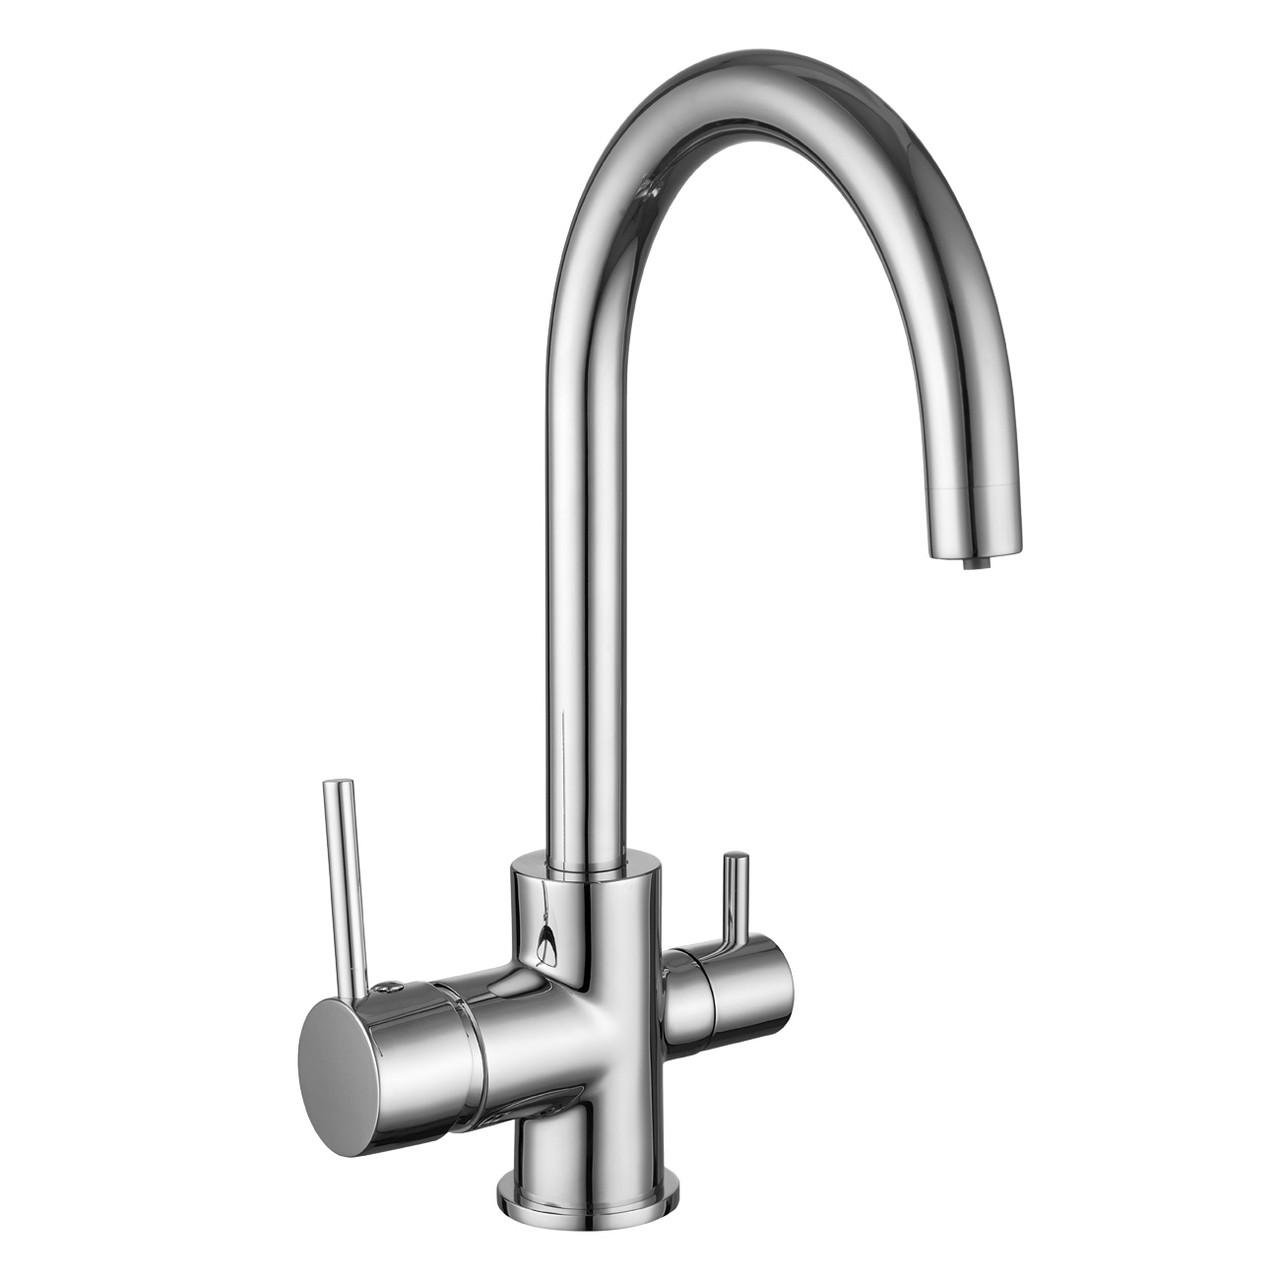 IMPRESE DAICY-U смеситель для кухни  с подключением питьевой воды, хром